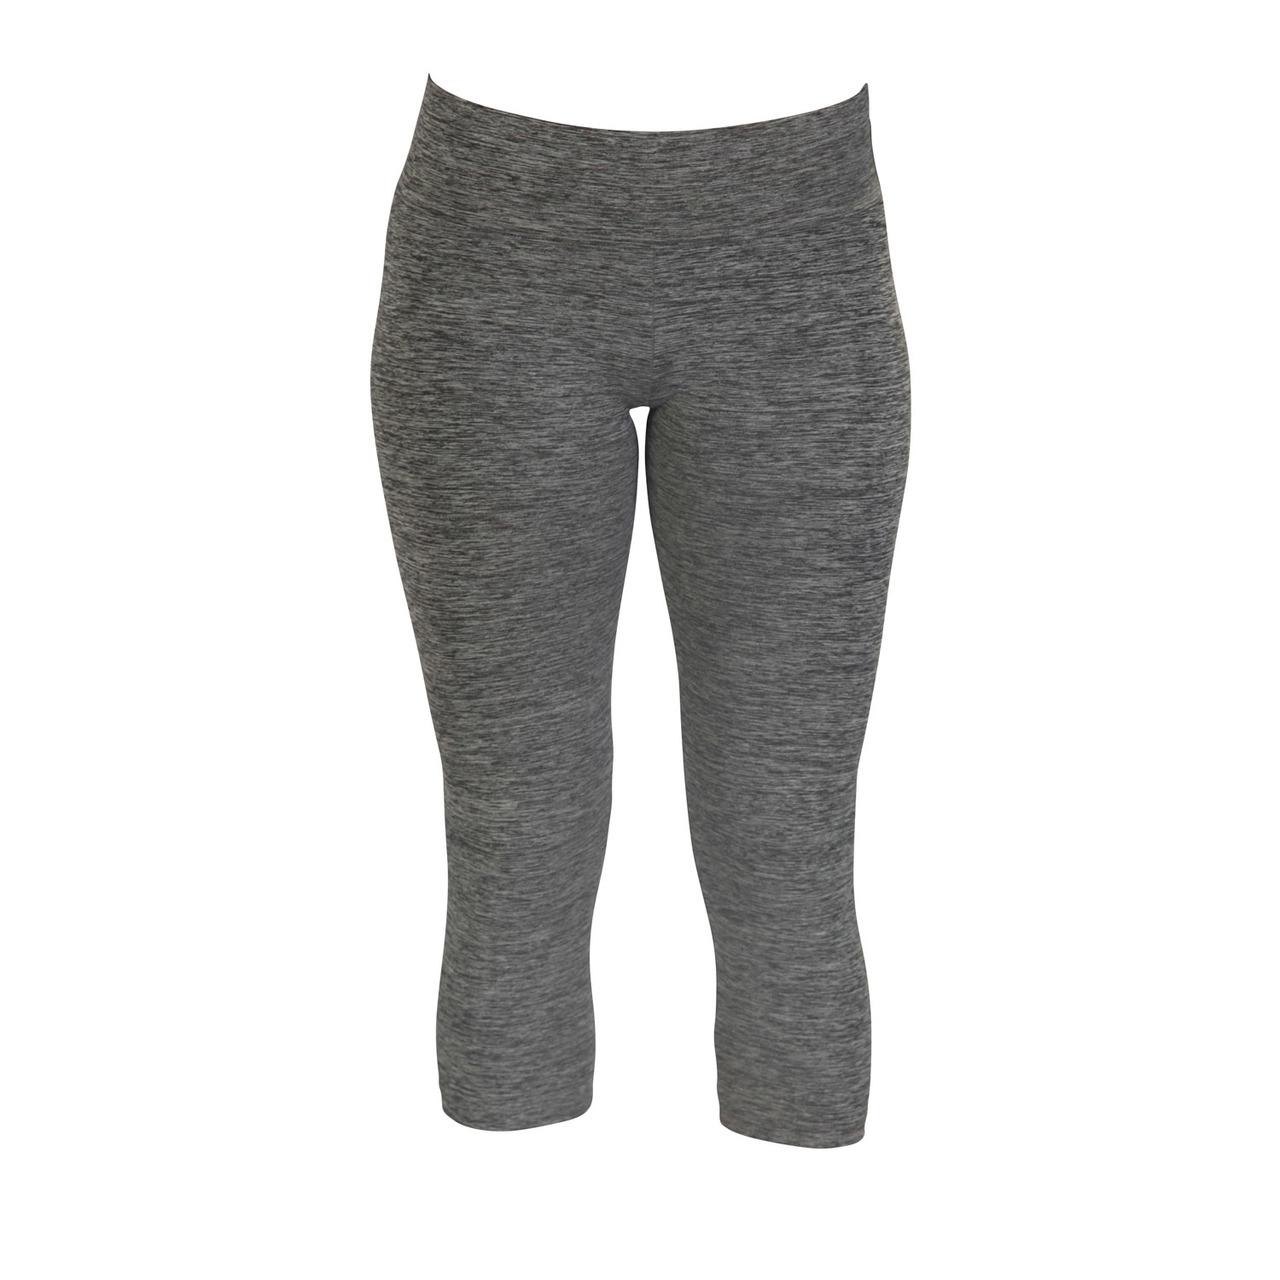 Movin' Capri Leggings - Blended Black